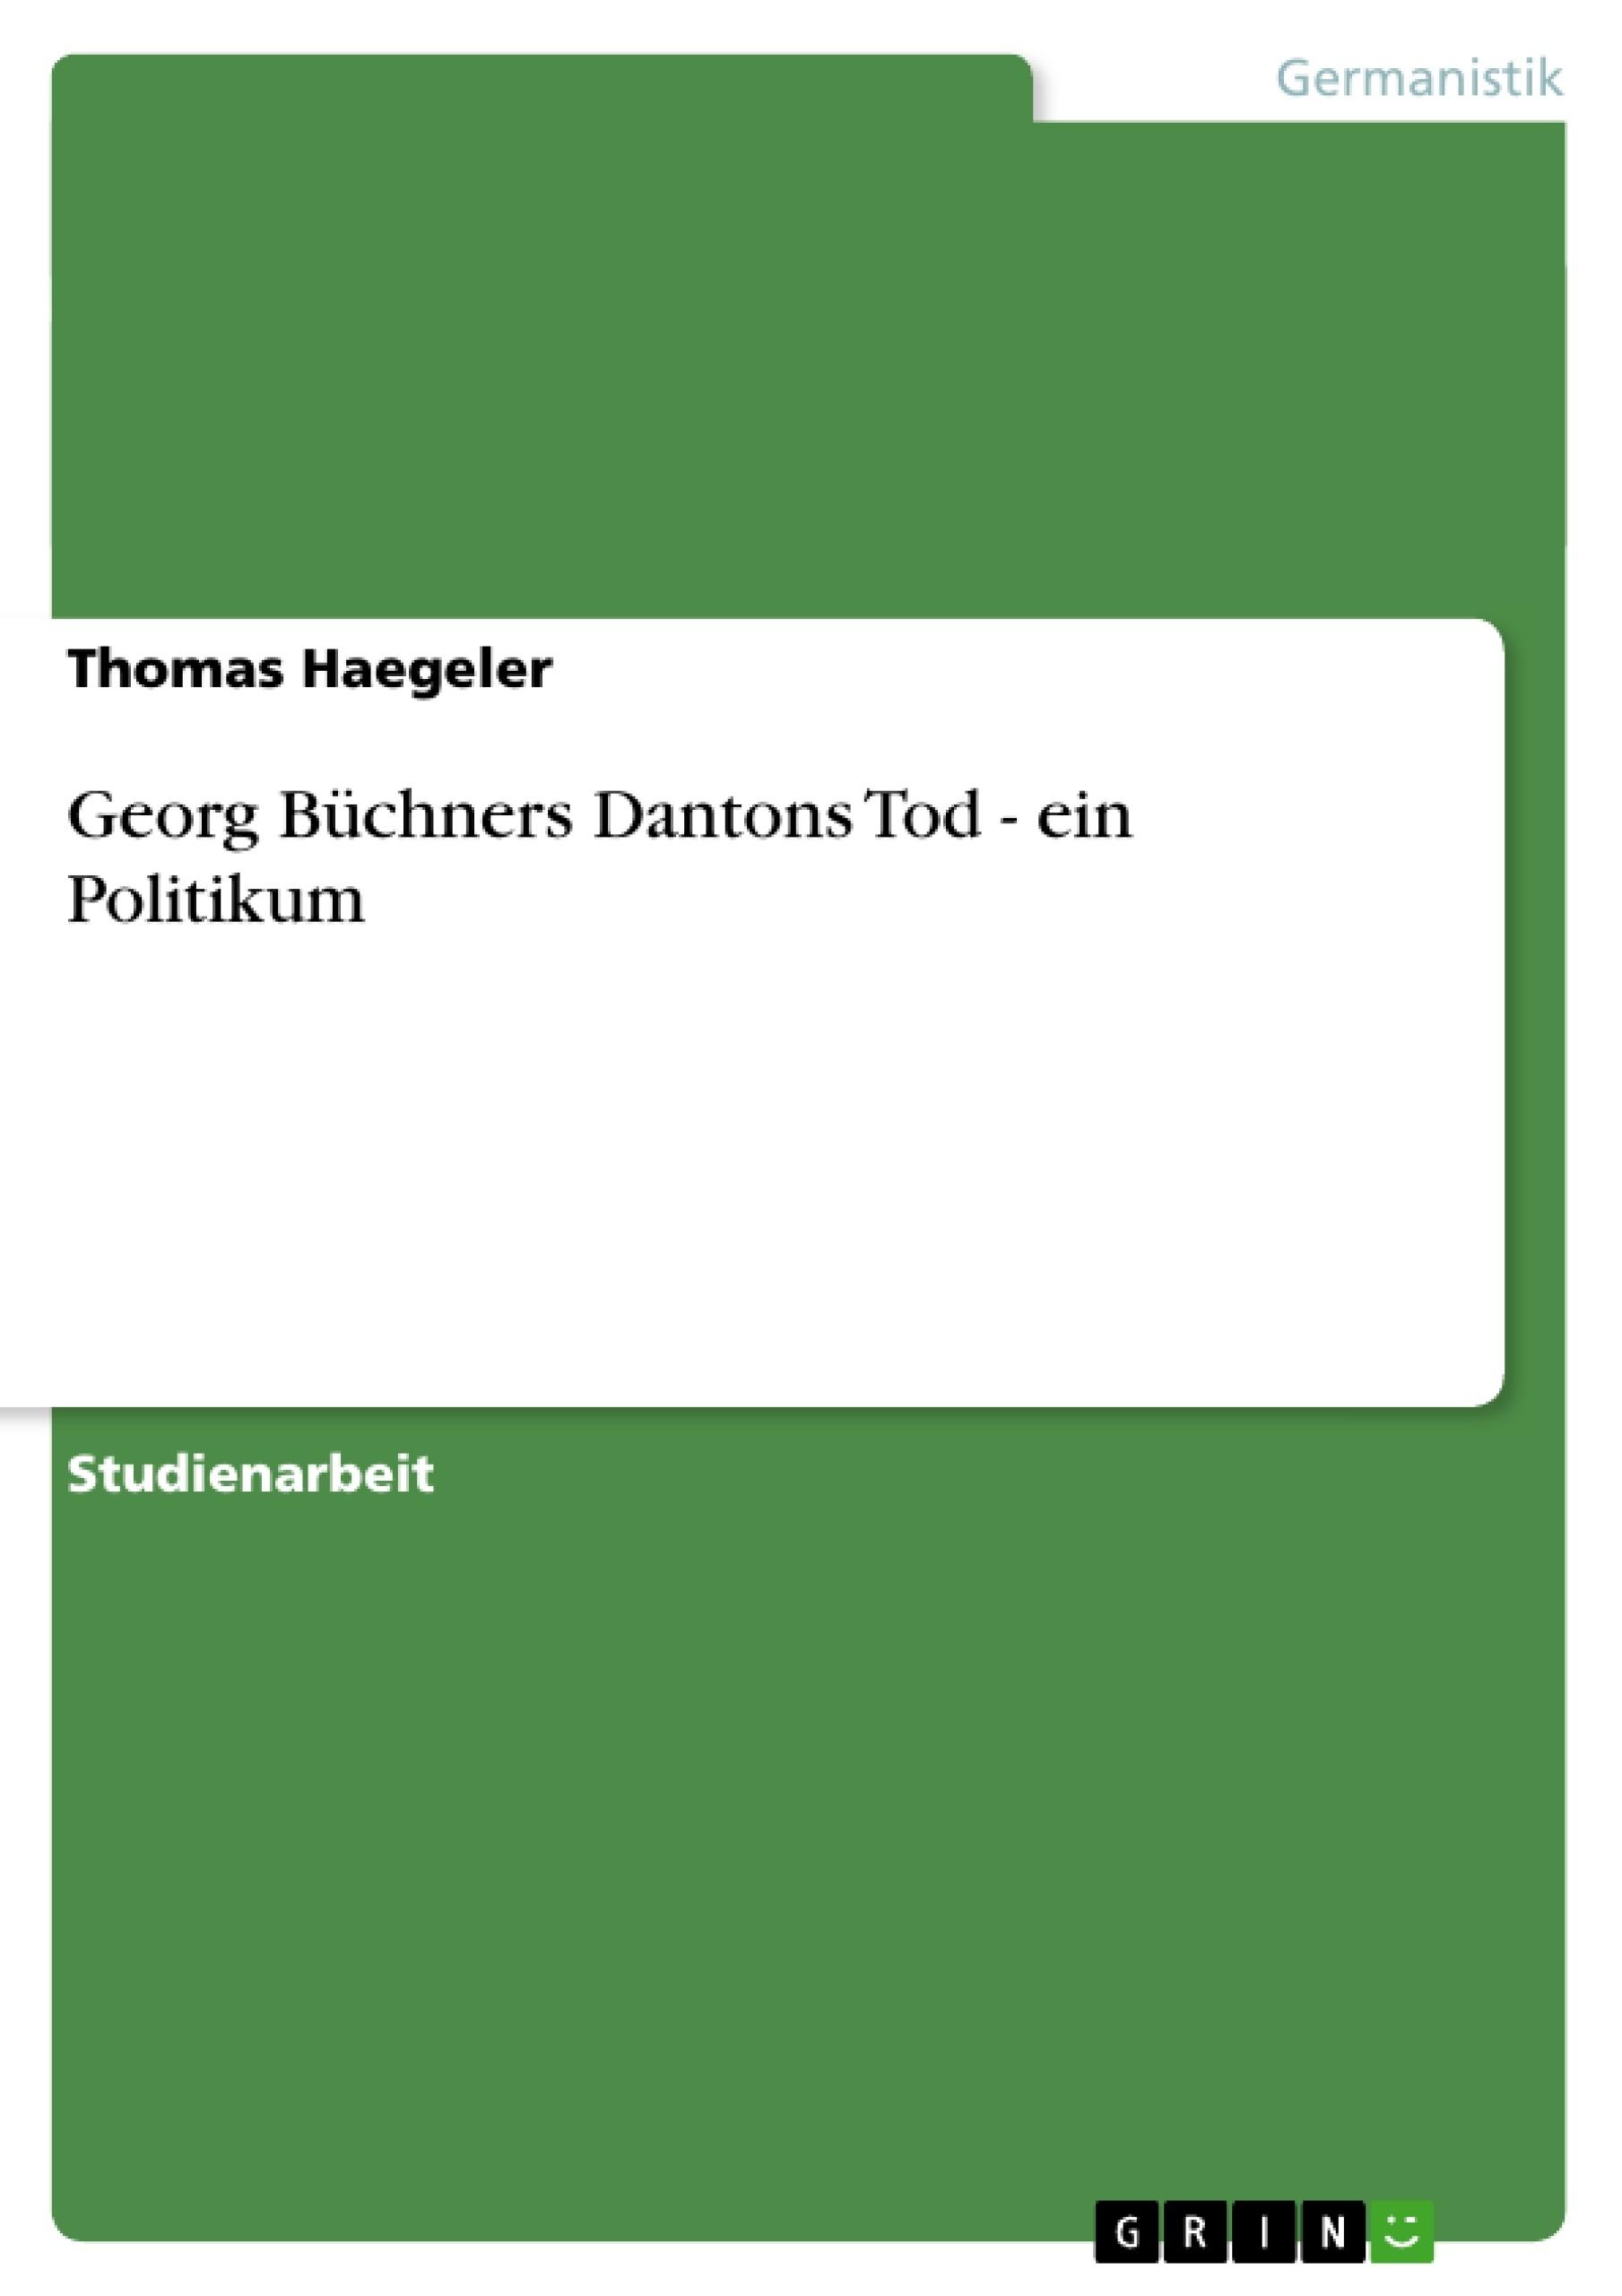 Titel: Georg Büchners Dantons Tod - ein Politikum